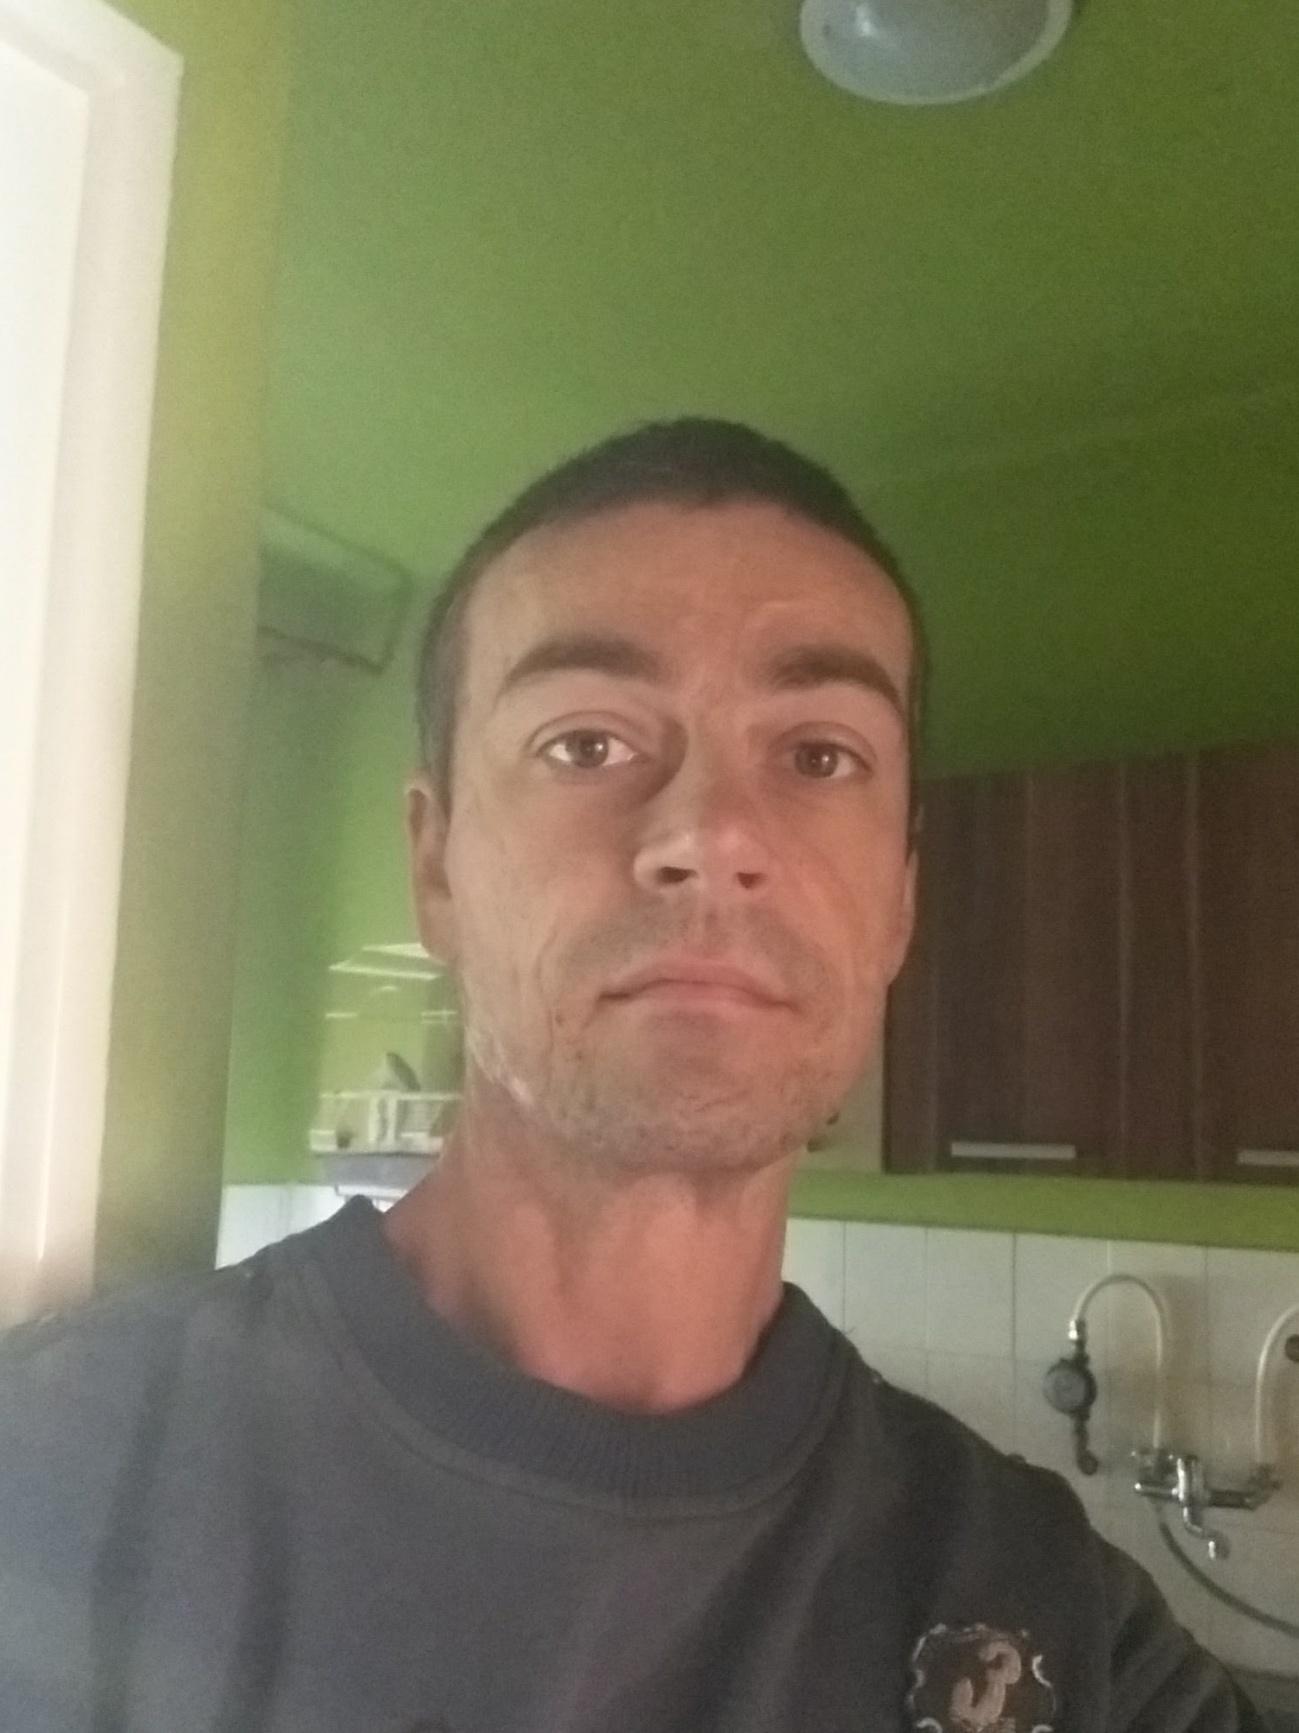 társkereső férfi franciaországban